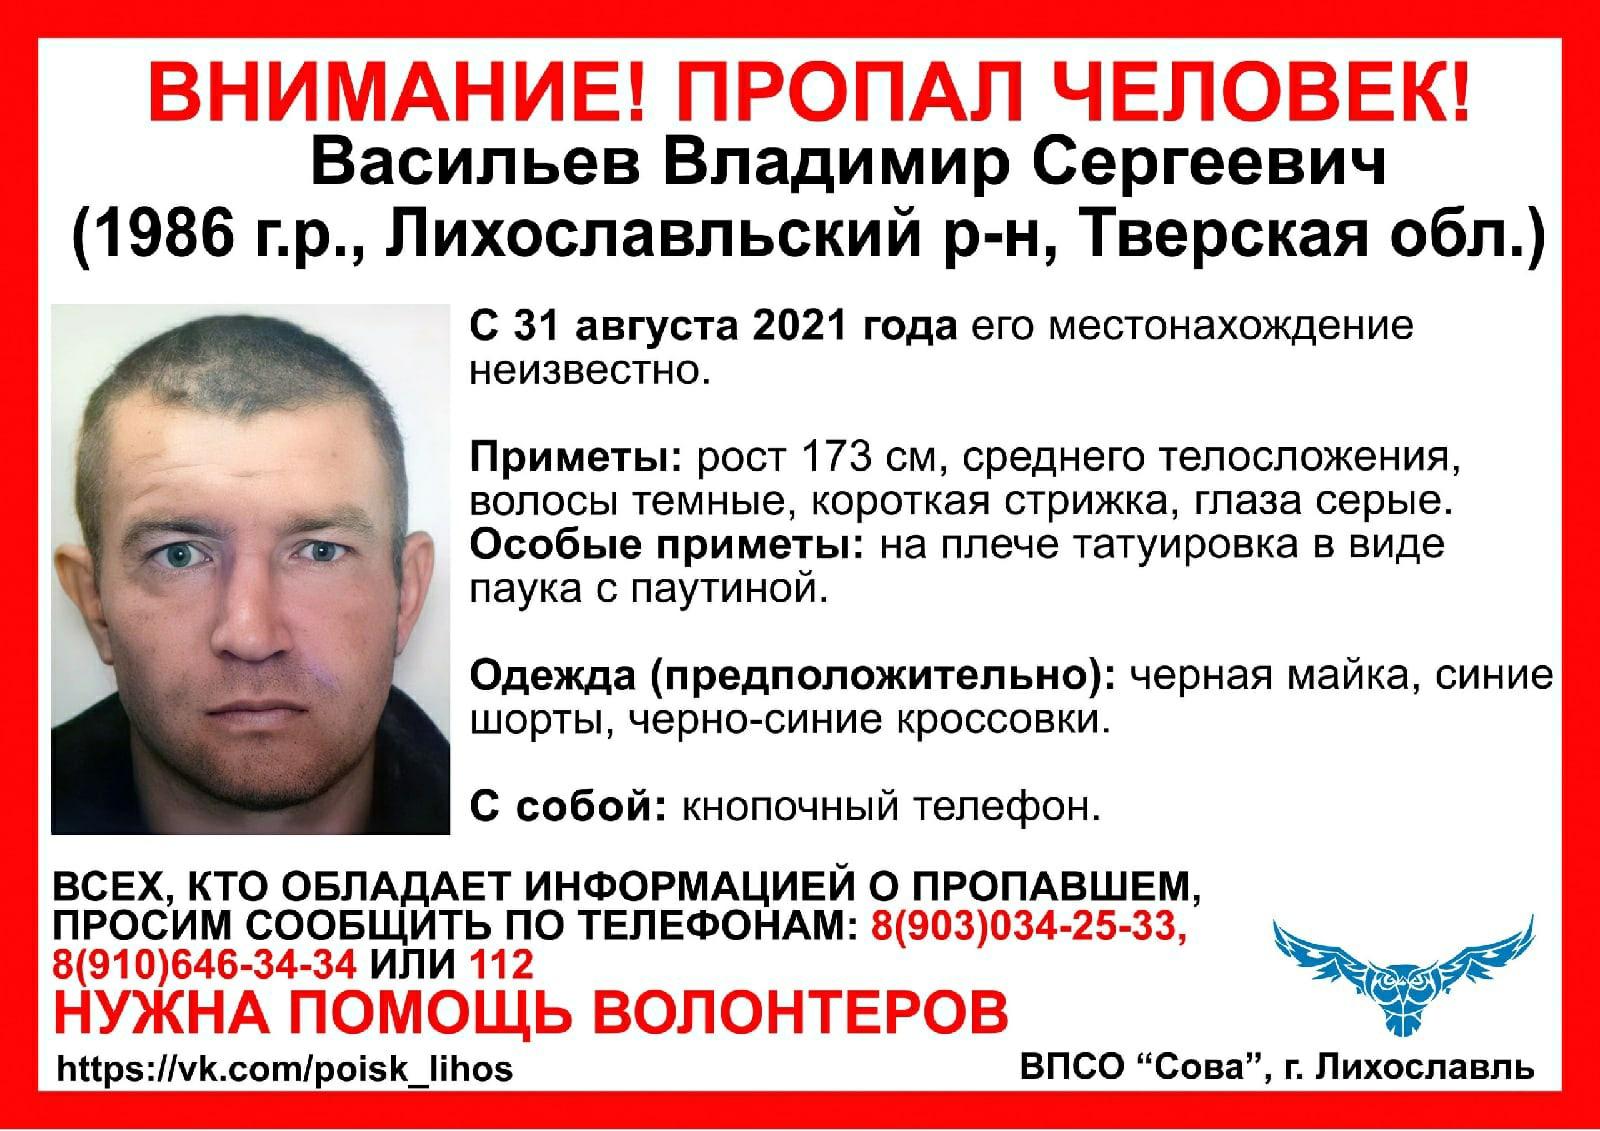 Мужчина с татуировкой паука пропал в Тверской области